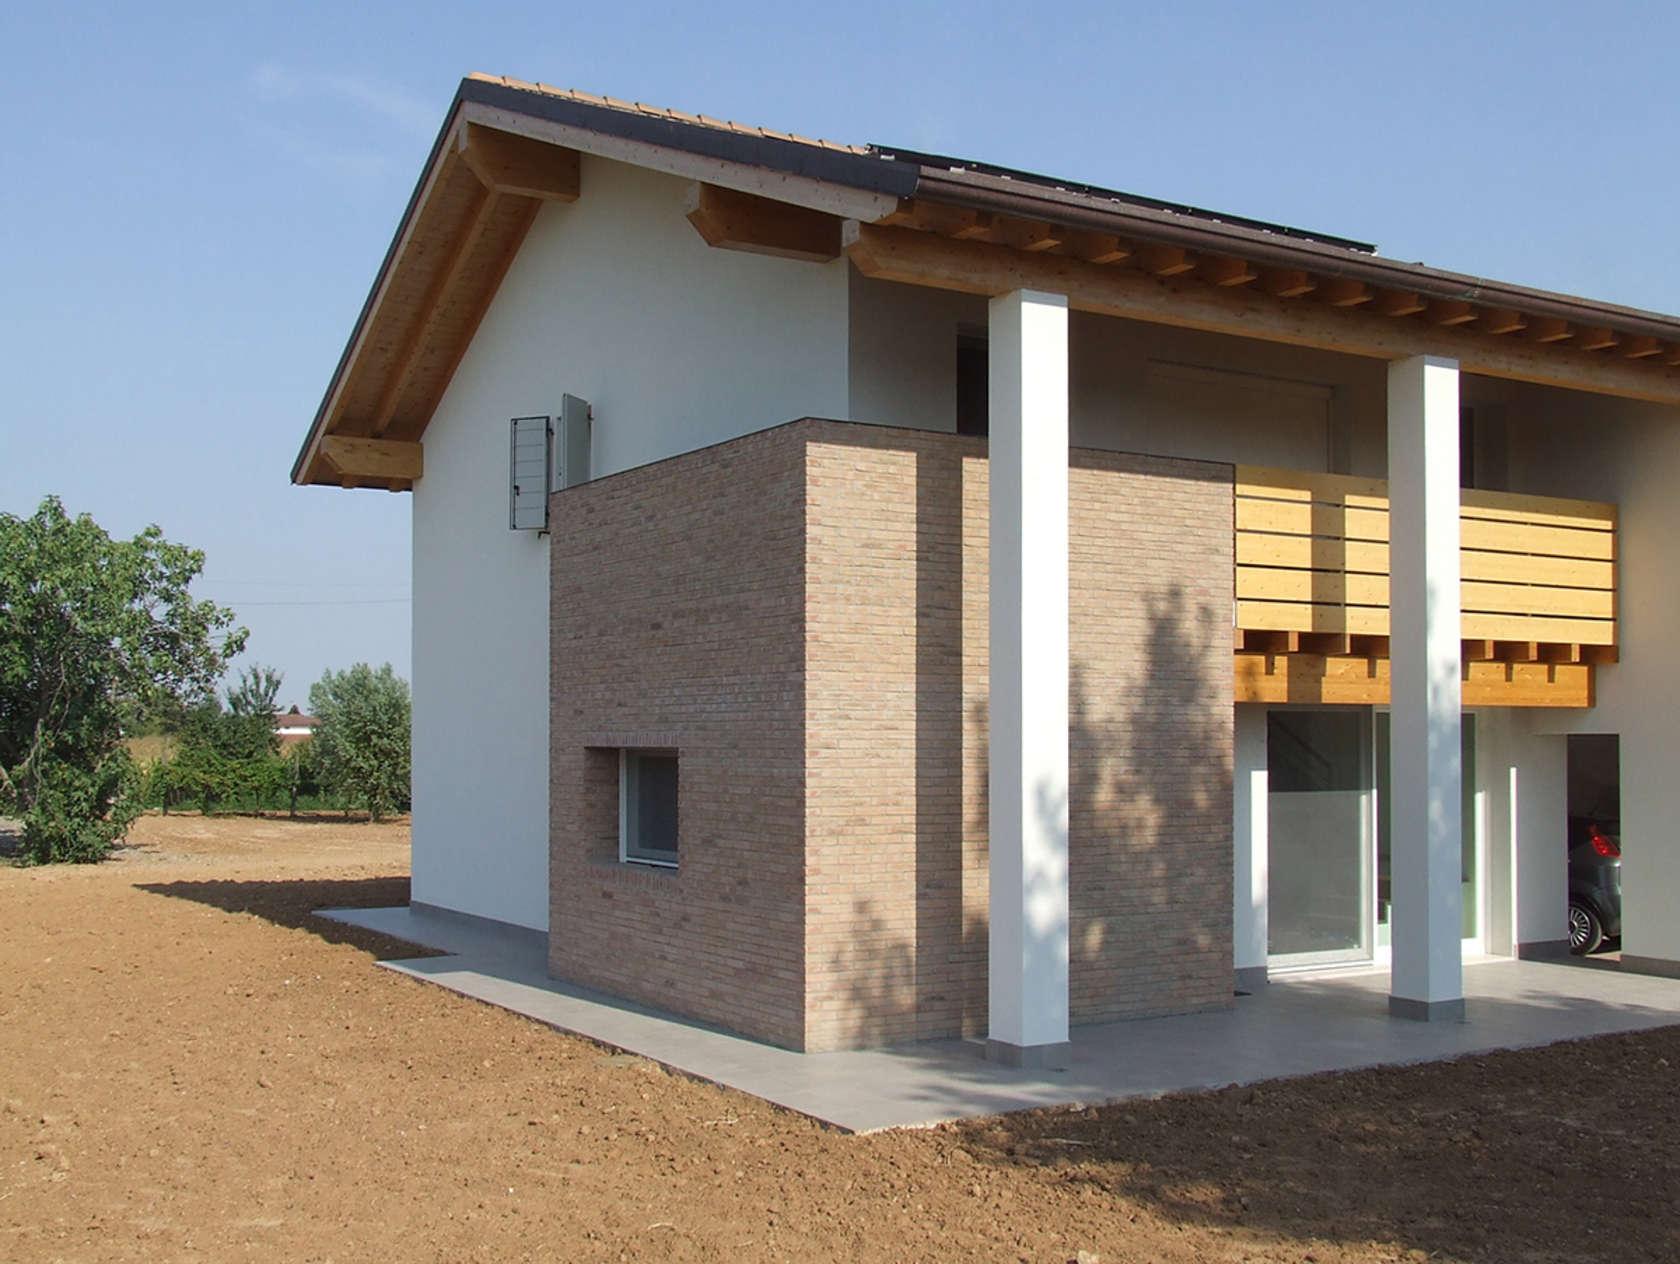 Colore casa esterno grigio idee di design nella vostra casa - Colore case esterno ...